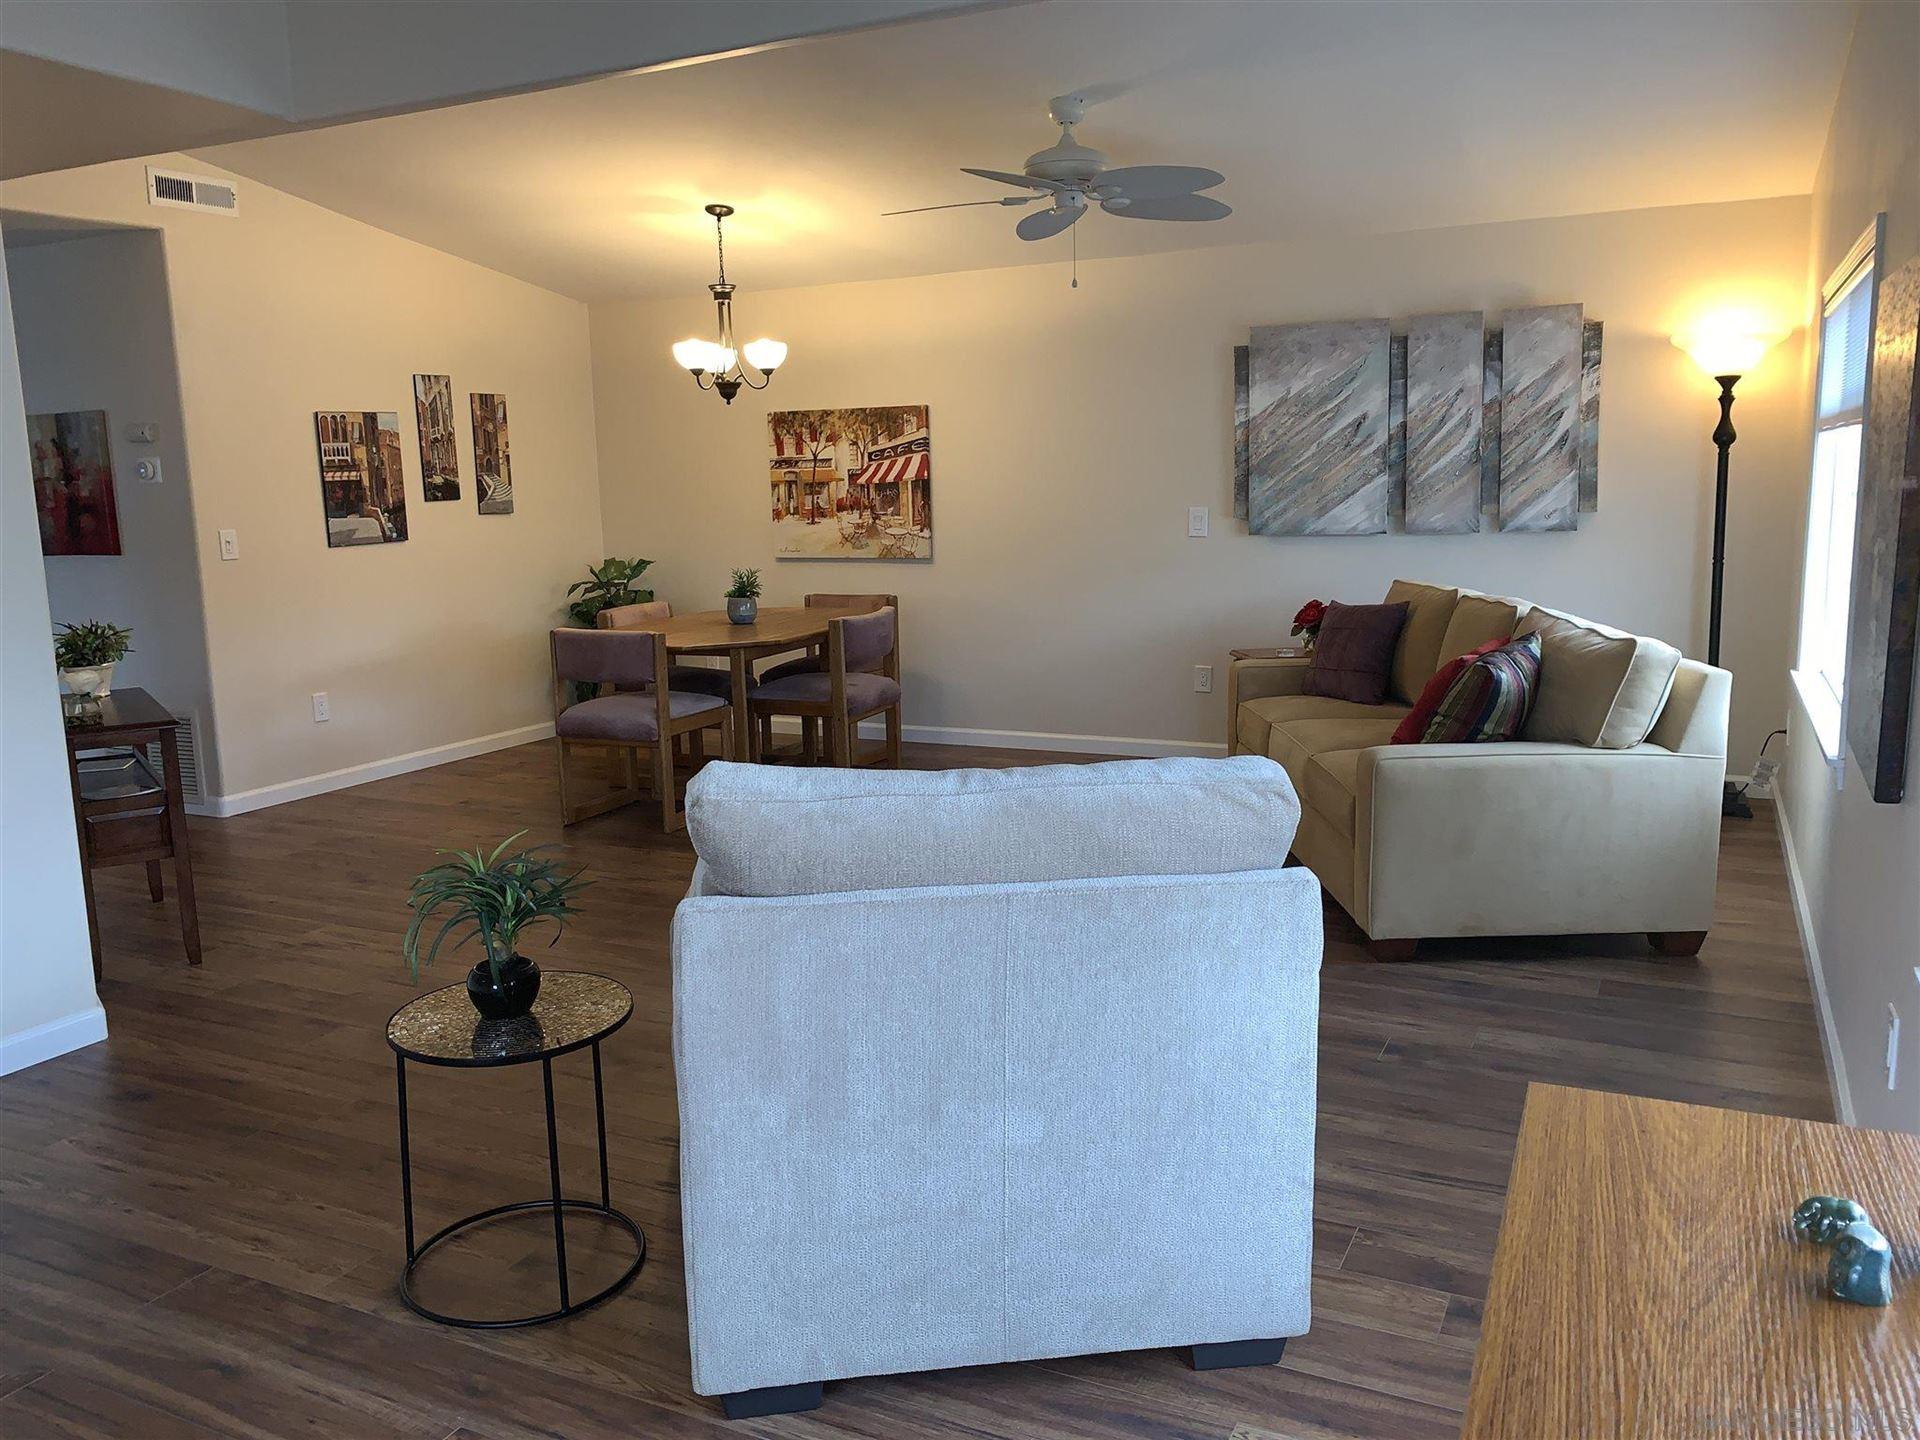 Photo of 1401 El Norte Pkwy #SPC 280, San Marcos, CA 92069 (MLS # 210021615)